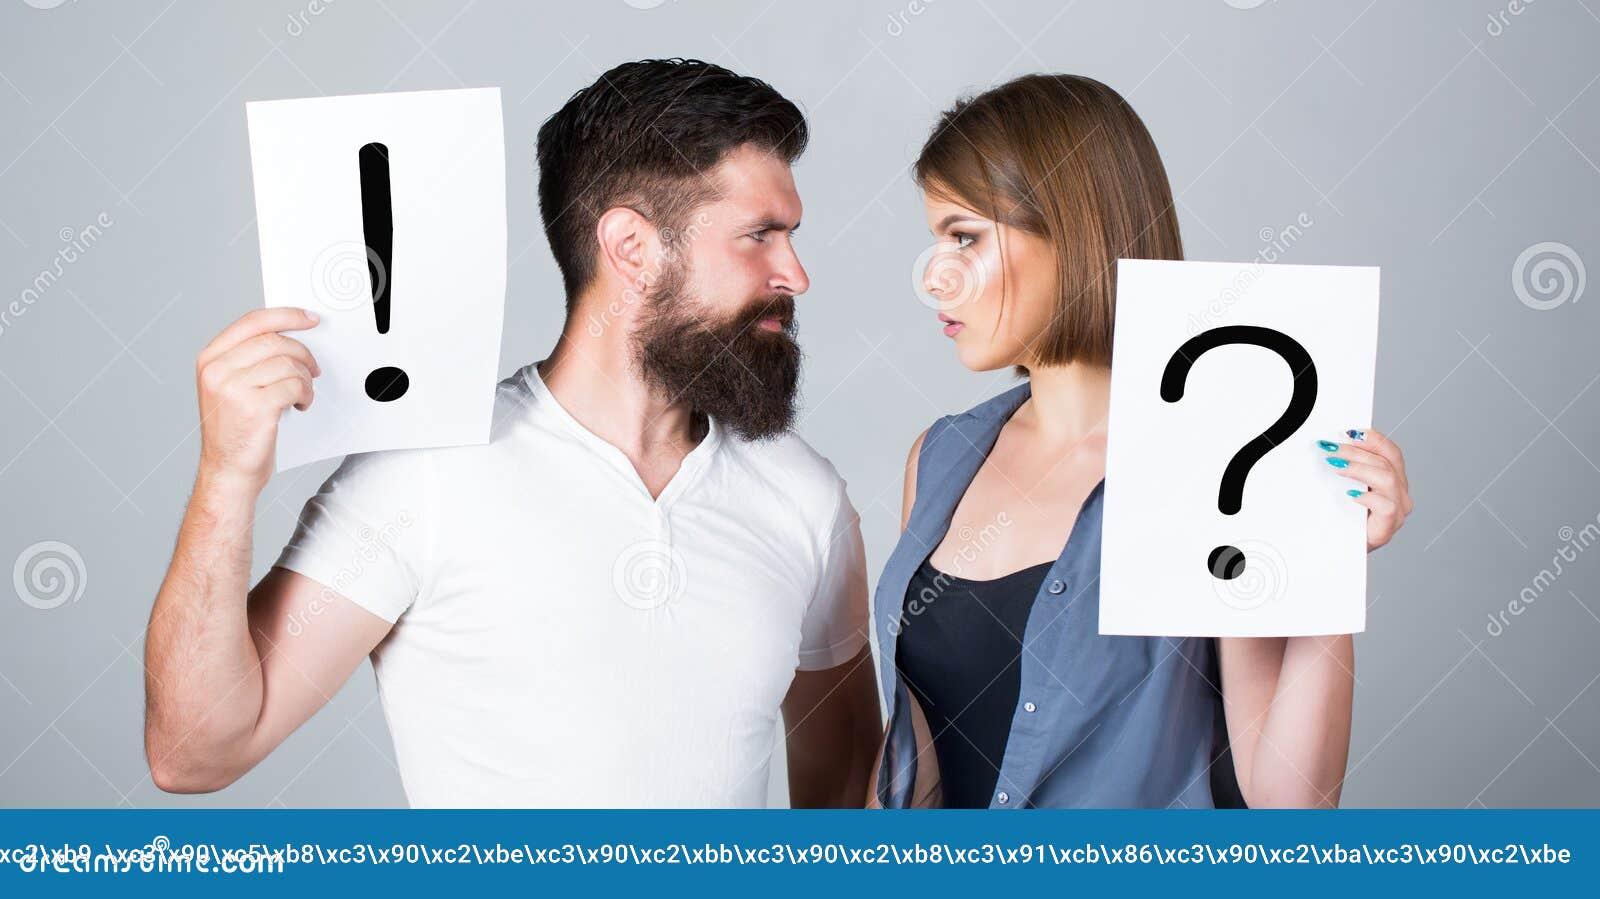 Koppla ihop grälar in markera frågan En kvinna och en man en fråga, utroppunkt Gräla mellan två personer eftertänksamt